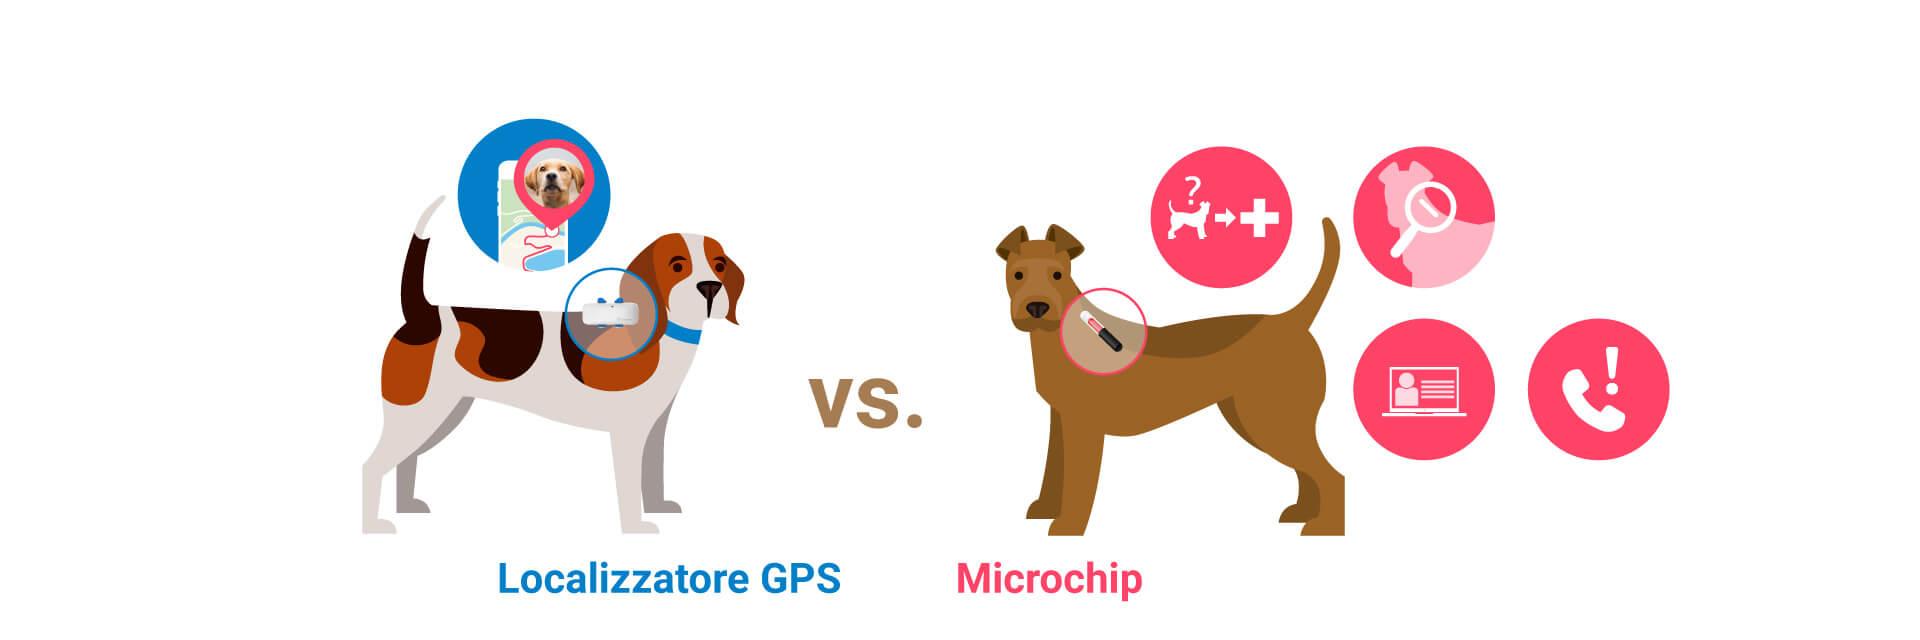 illustrazione di due cani: uno che indossa il microchip per cani e uno che indossa un localizzatore GPS